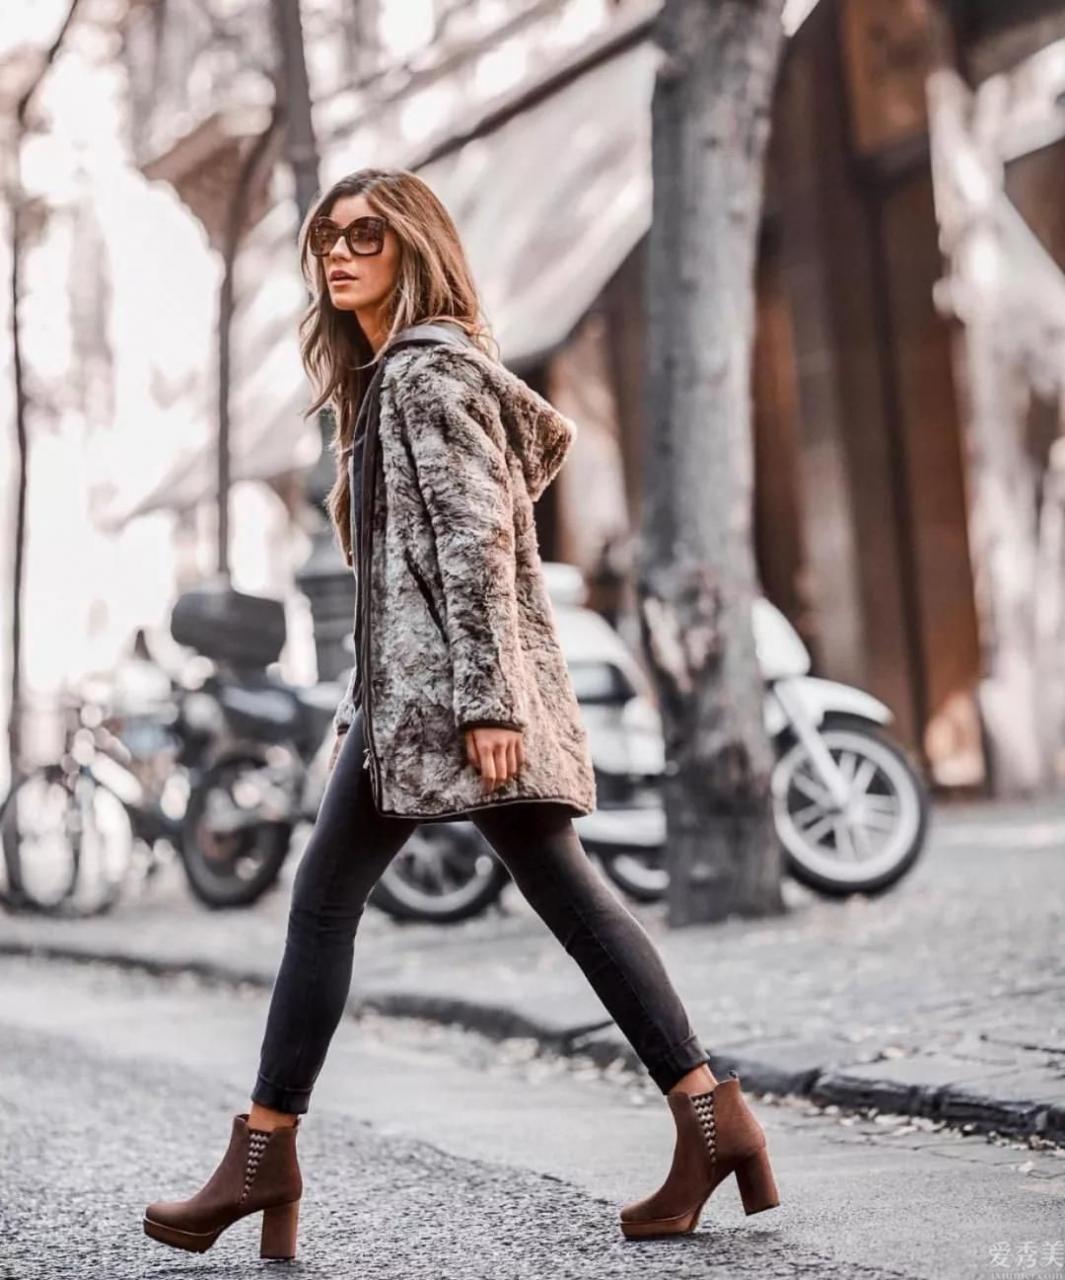 女士身高不足165,提議冬天穿這3條褲,配搭女靴,時尚潮流顯苗條的大美腿